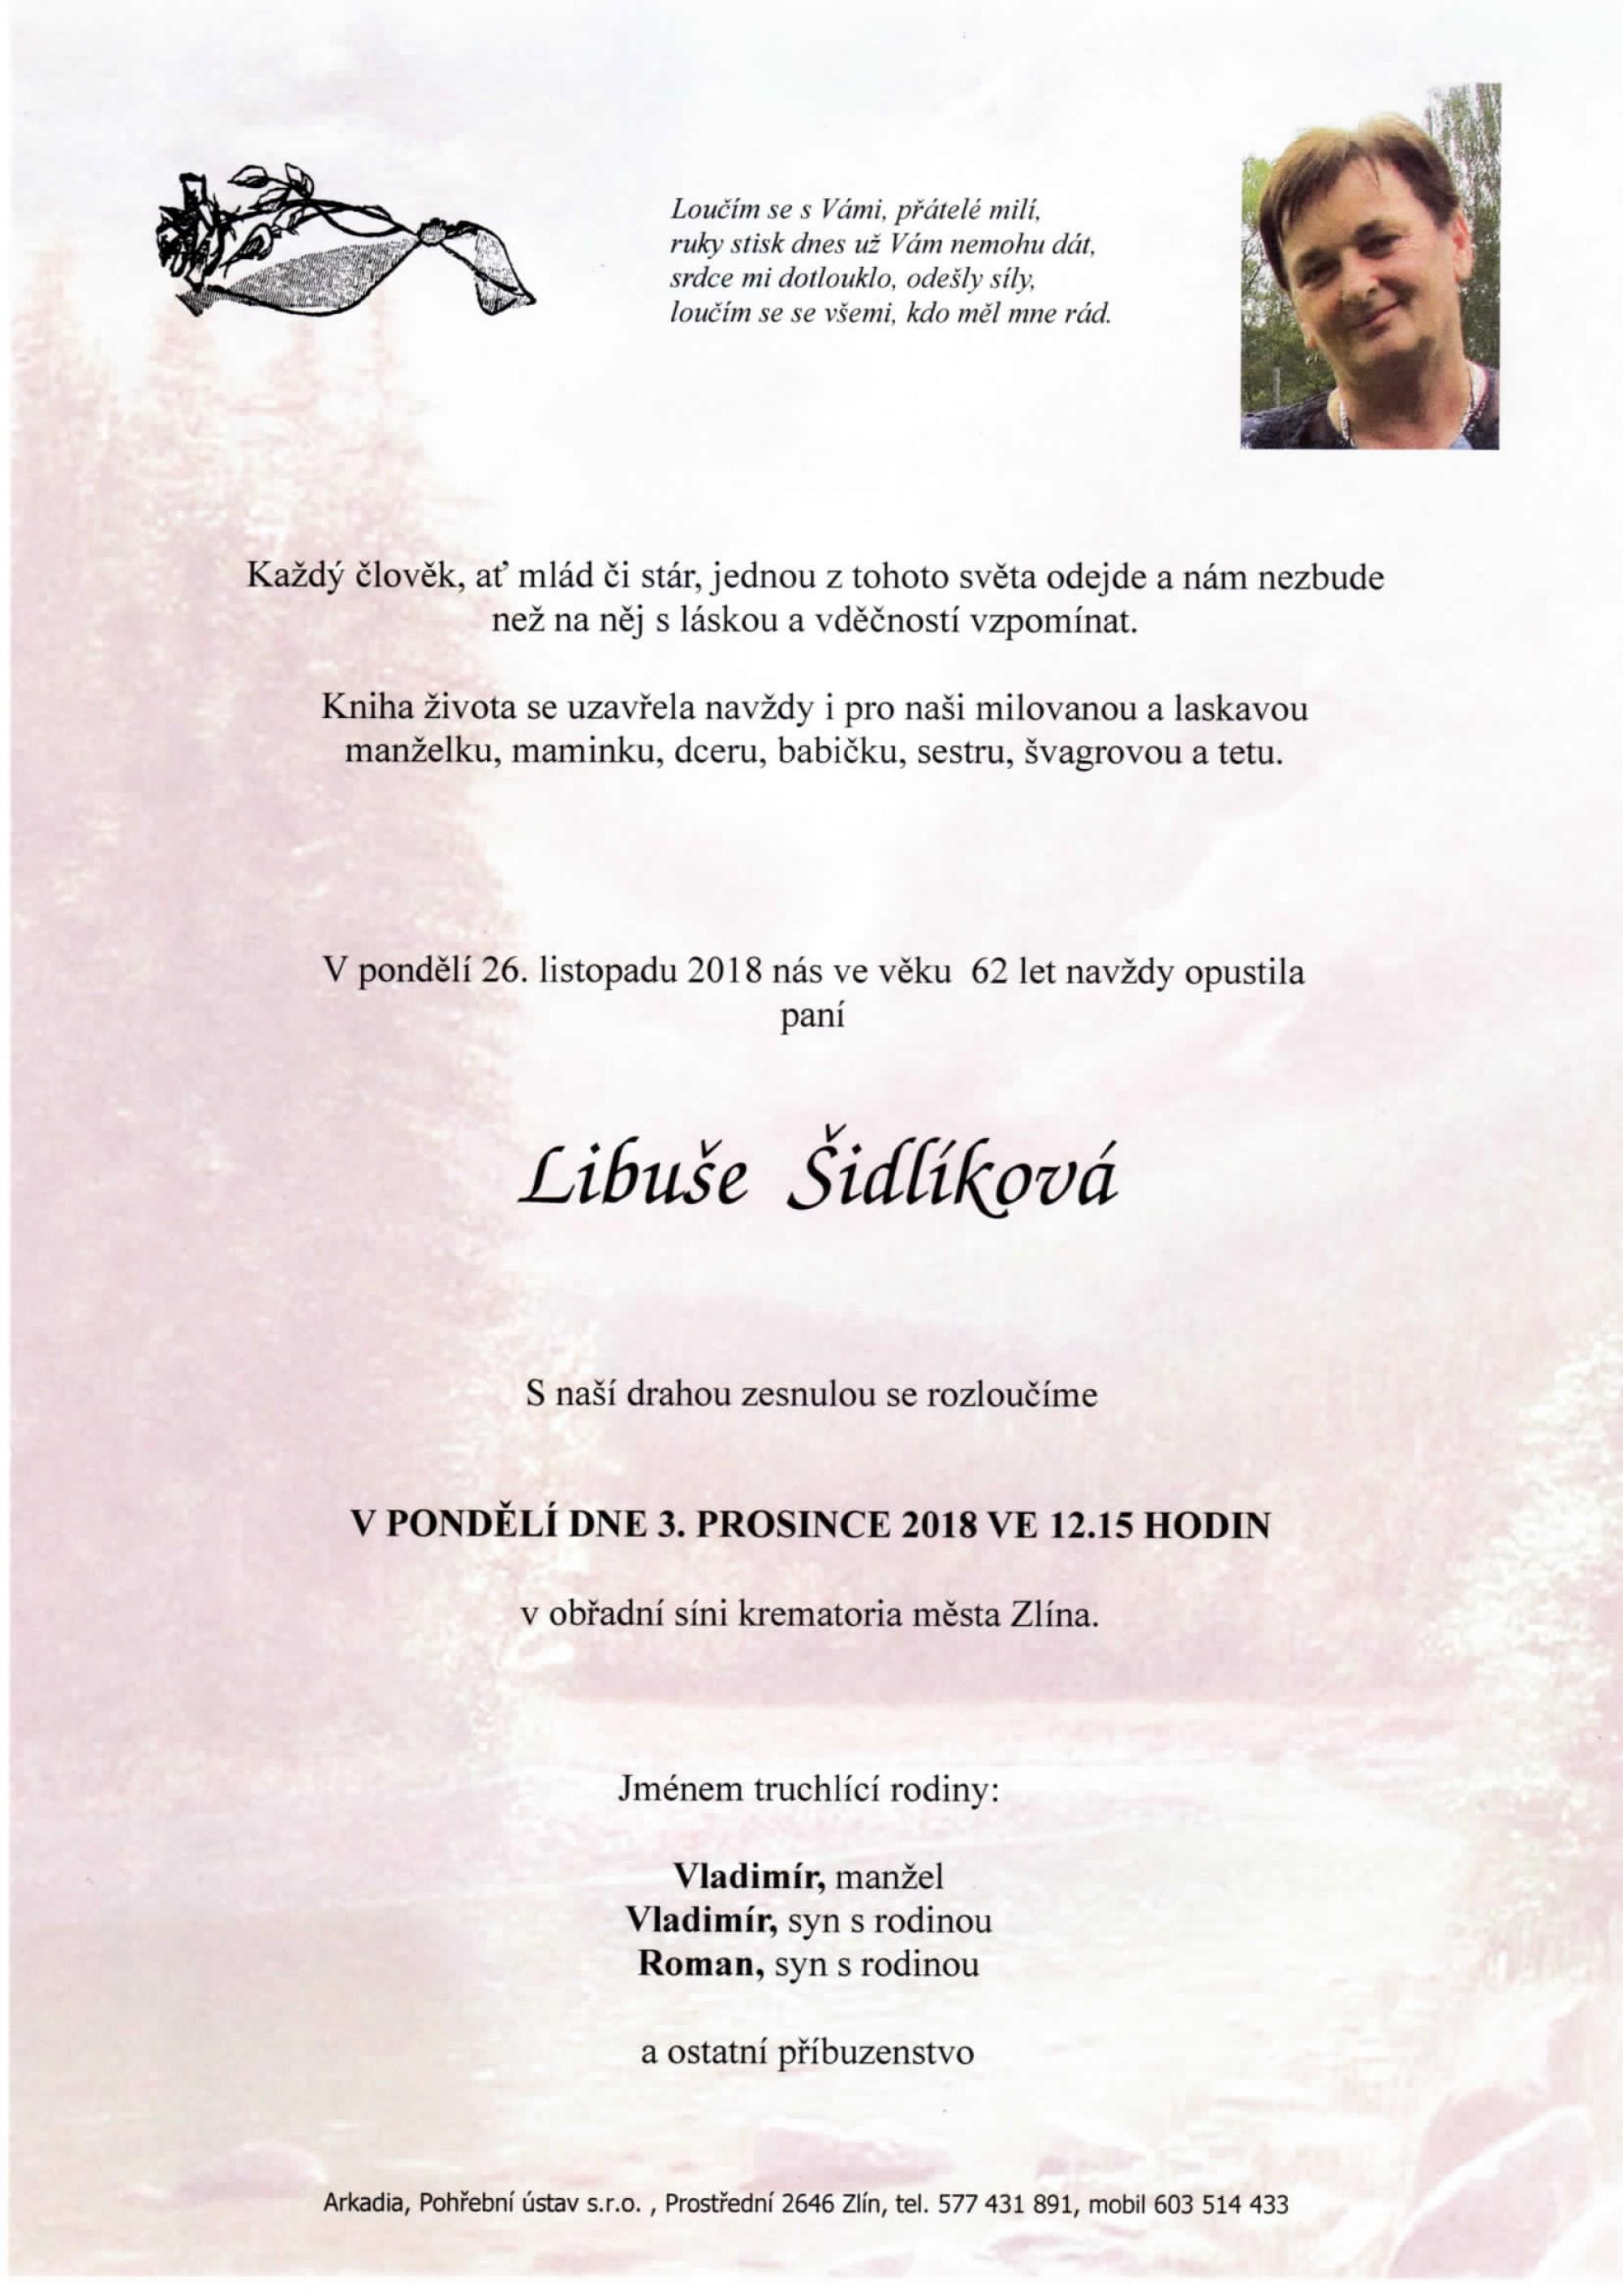 Libuše Šidlíková